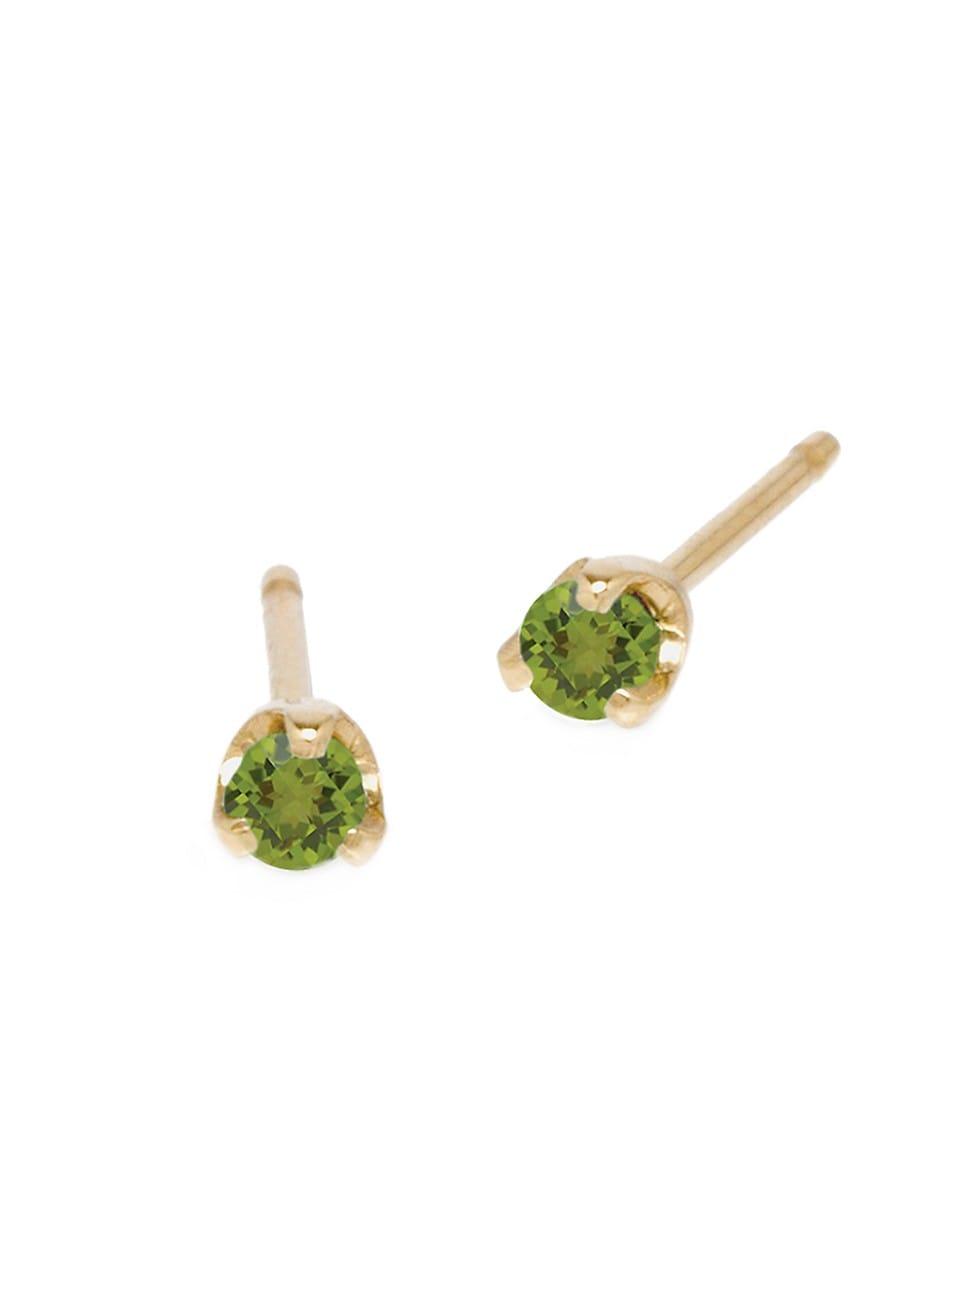 Zoë Chicco Women's Birthstones 14k Yellow Gold & Peridot Stud Earrings